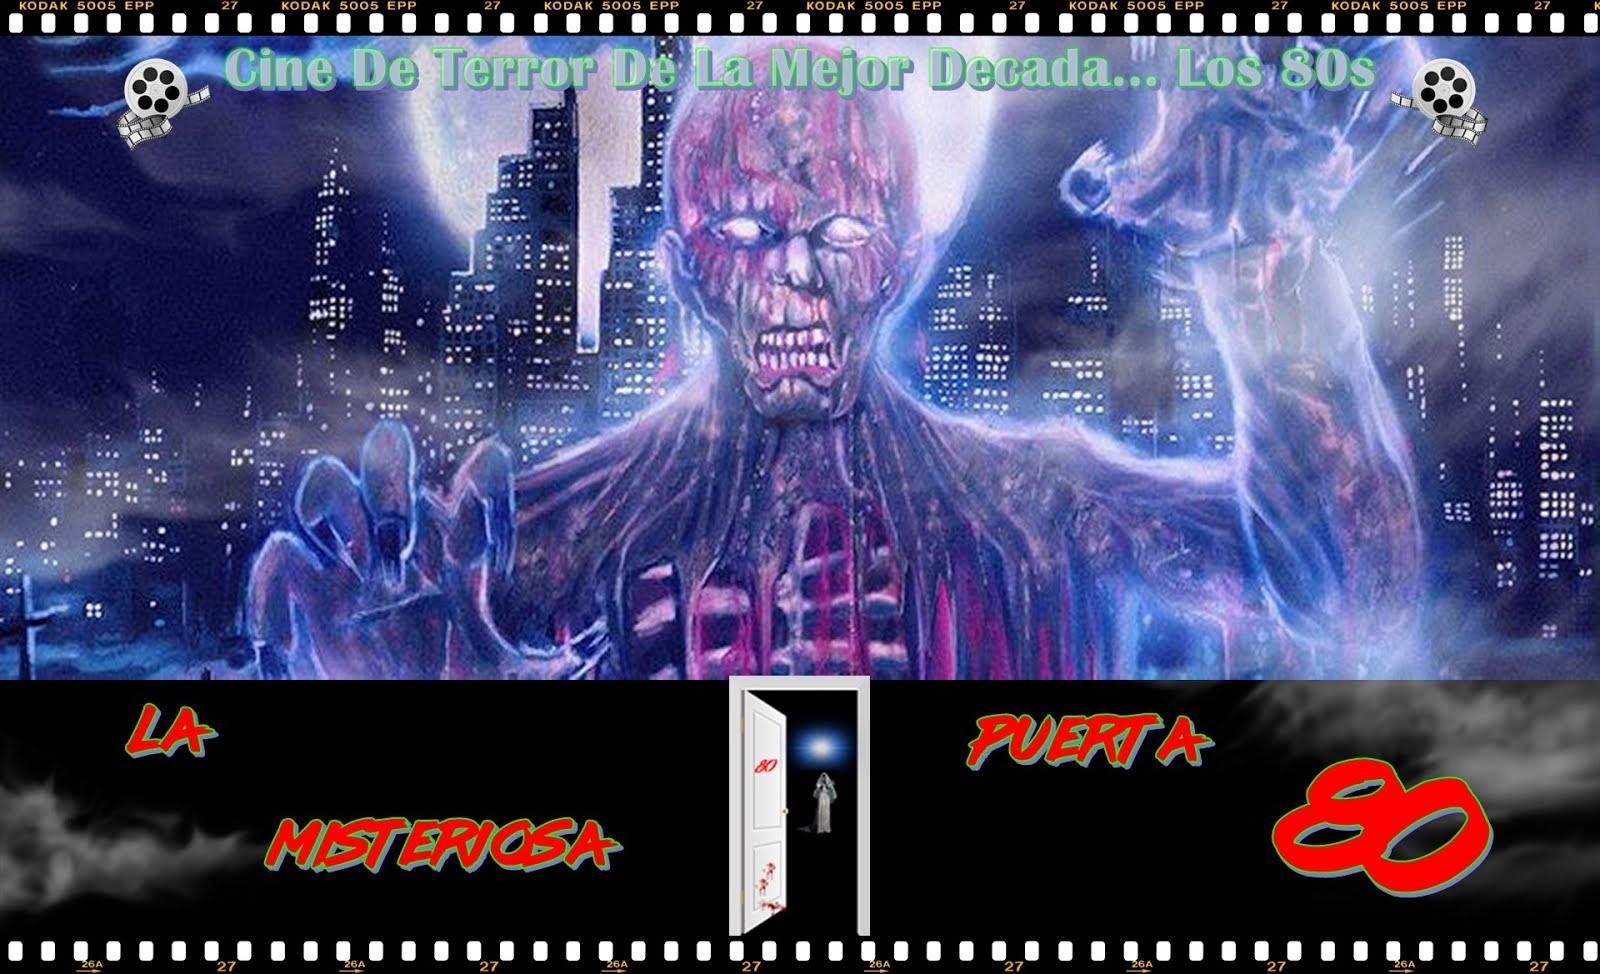 Mi blog de cine de terror de los 80s